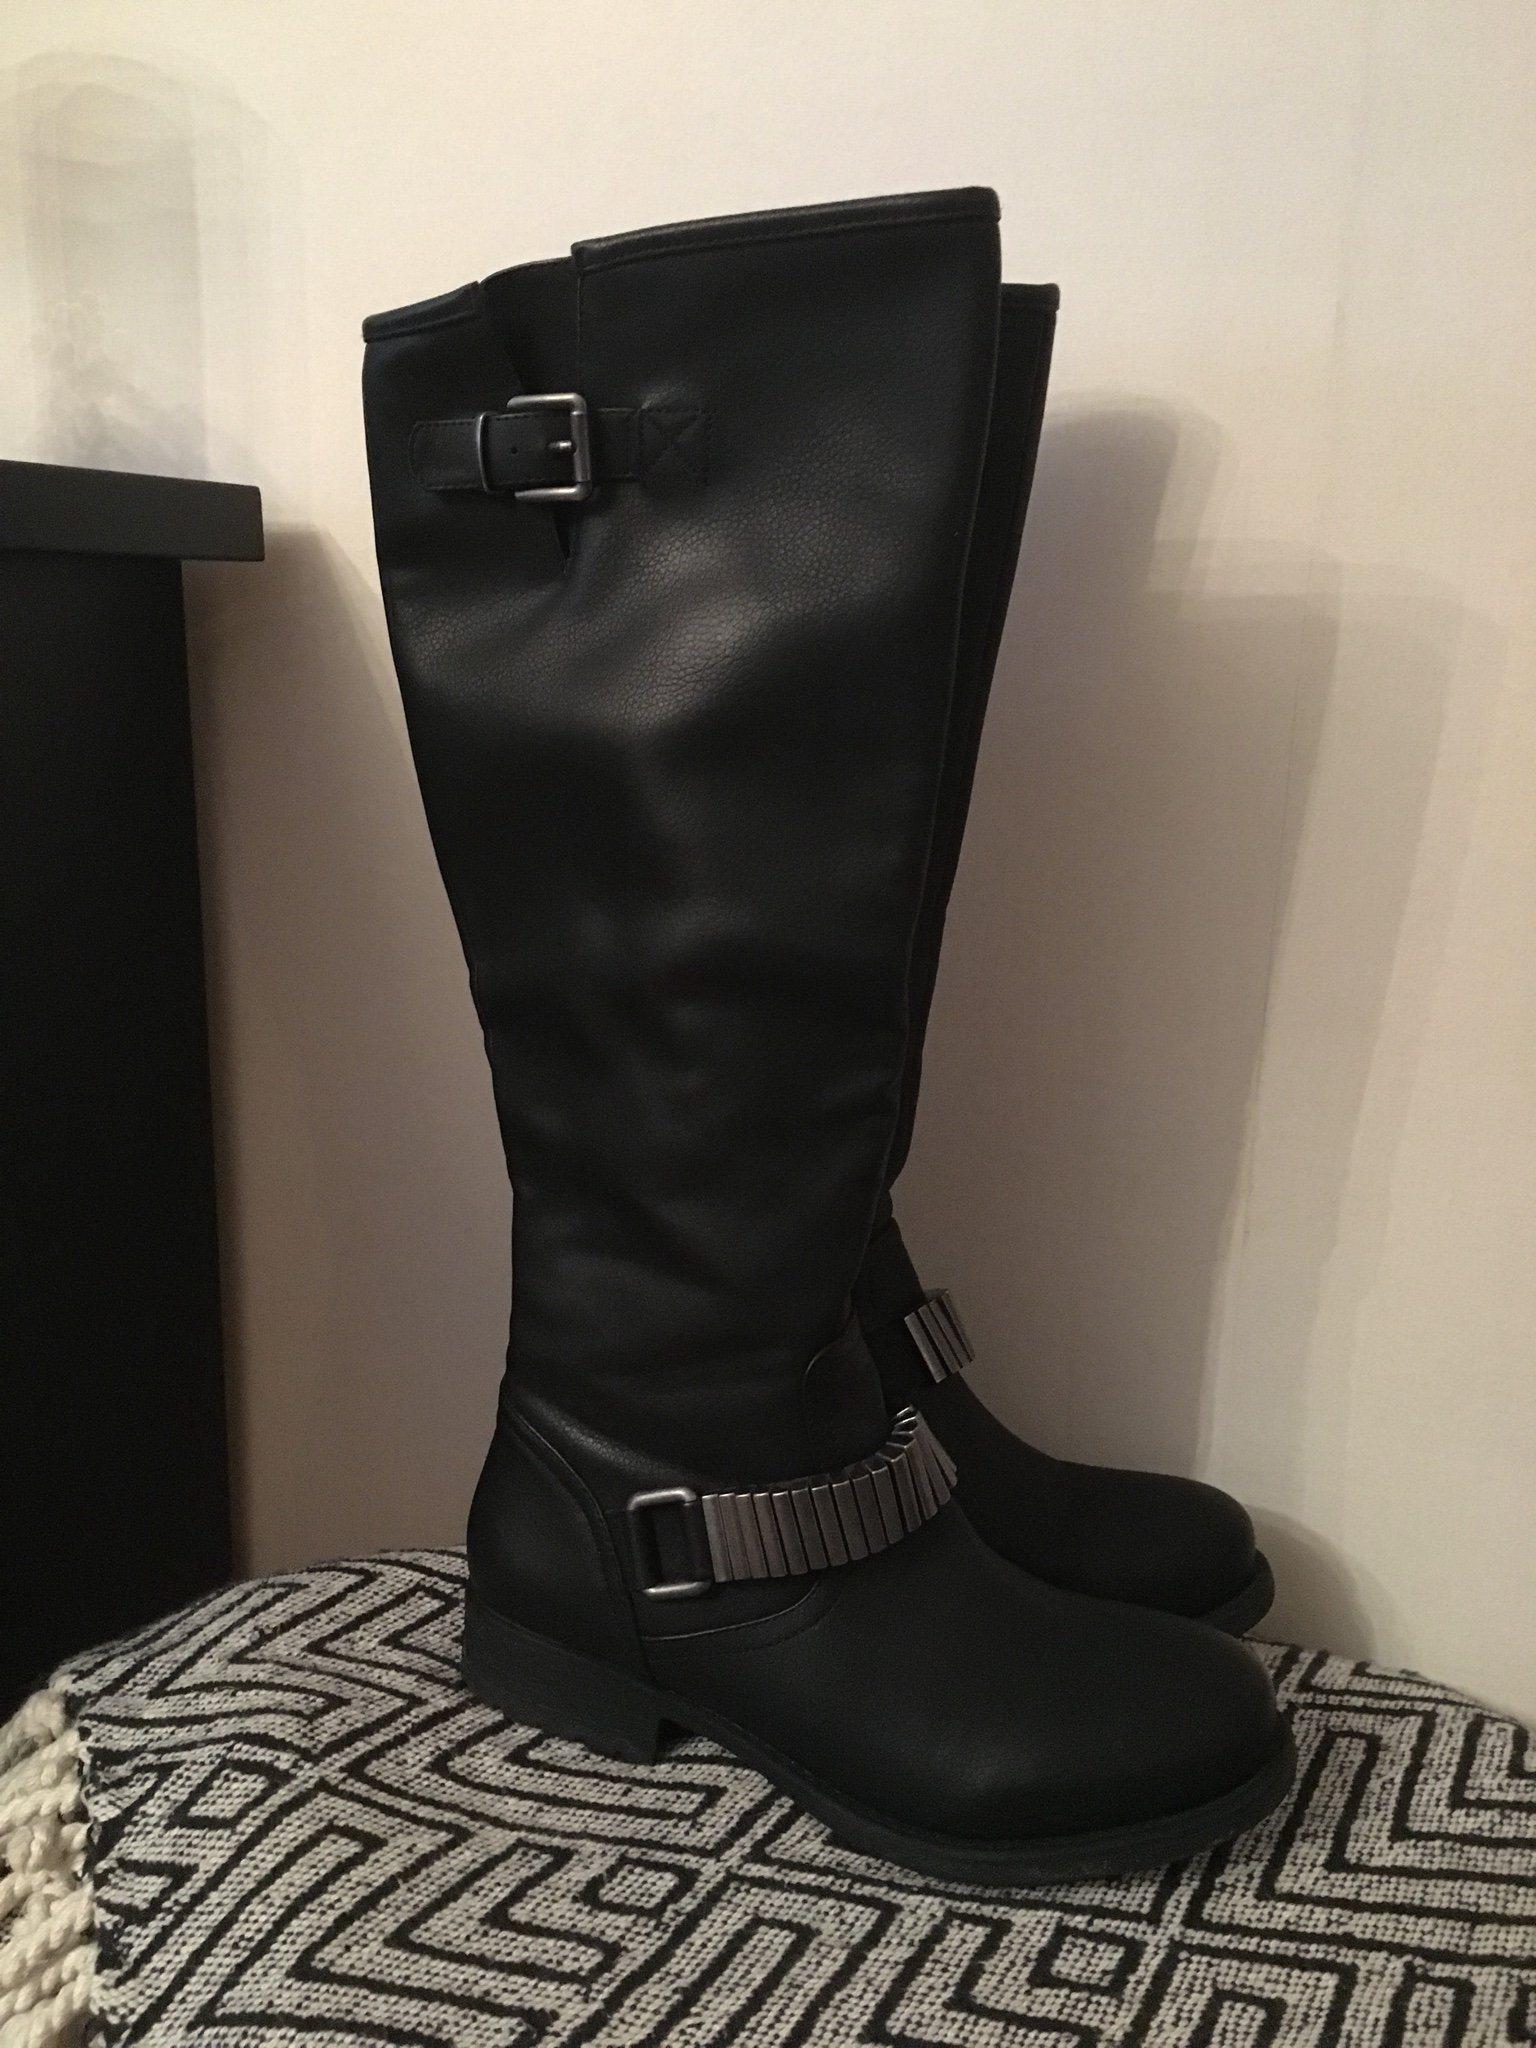 bd2dfc85043 Svarta stövlar , skor i skinnimitation från Din.. (340807852) ᐈ Köp ...